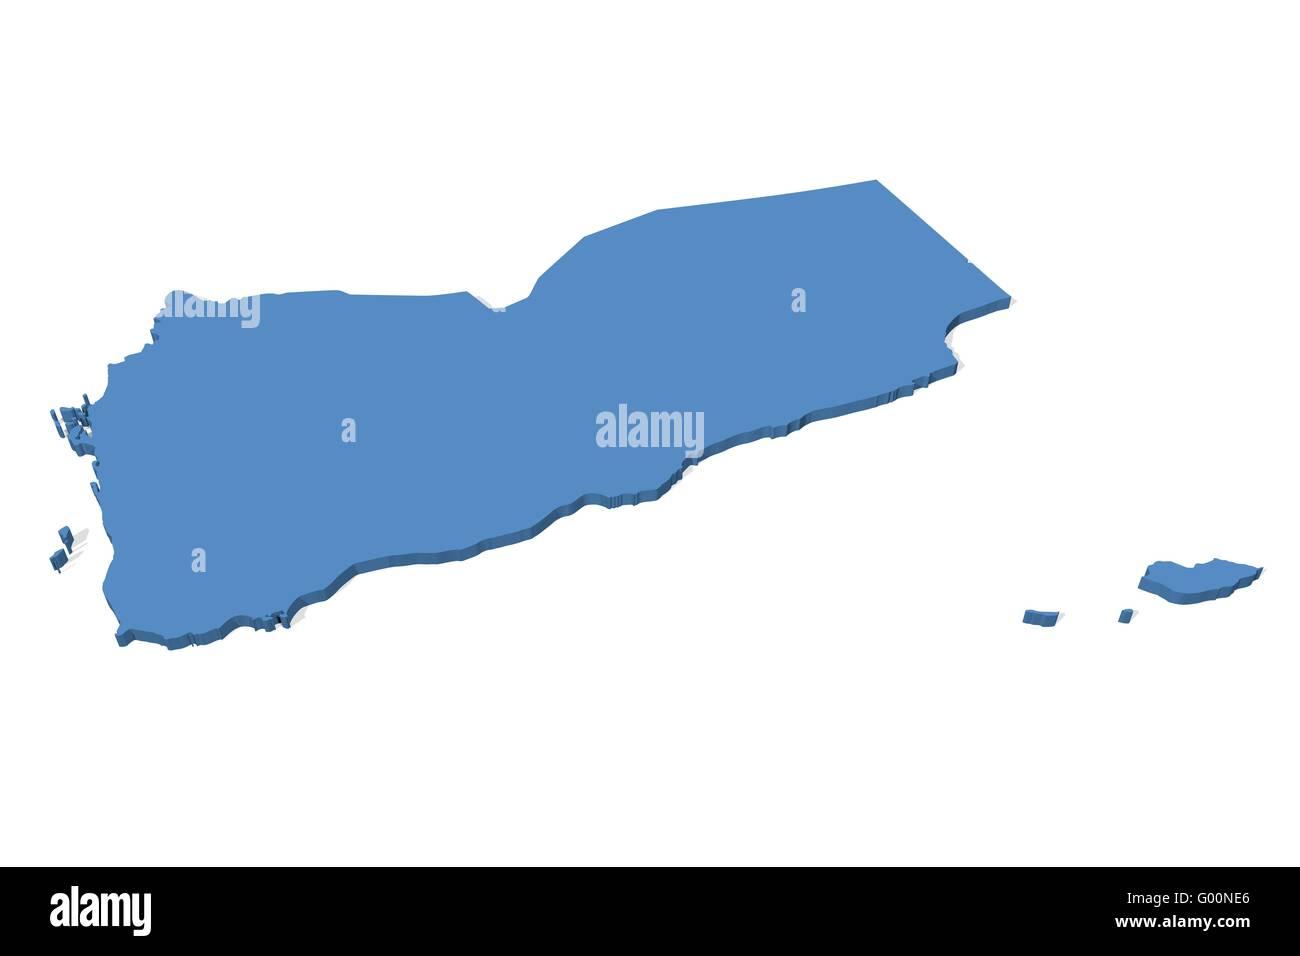 Yemen Map - Stock Image